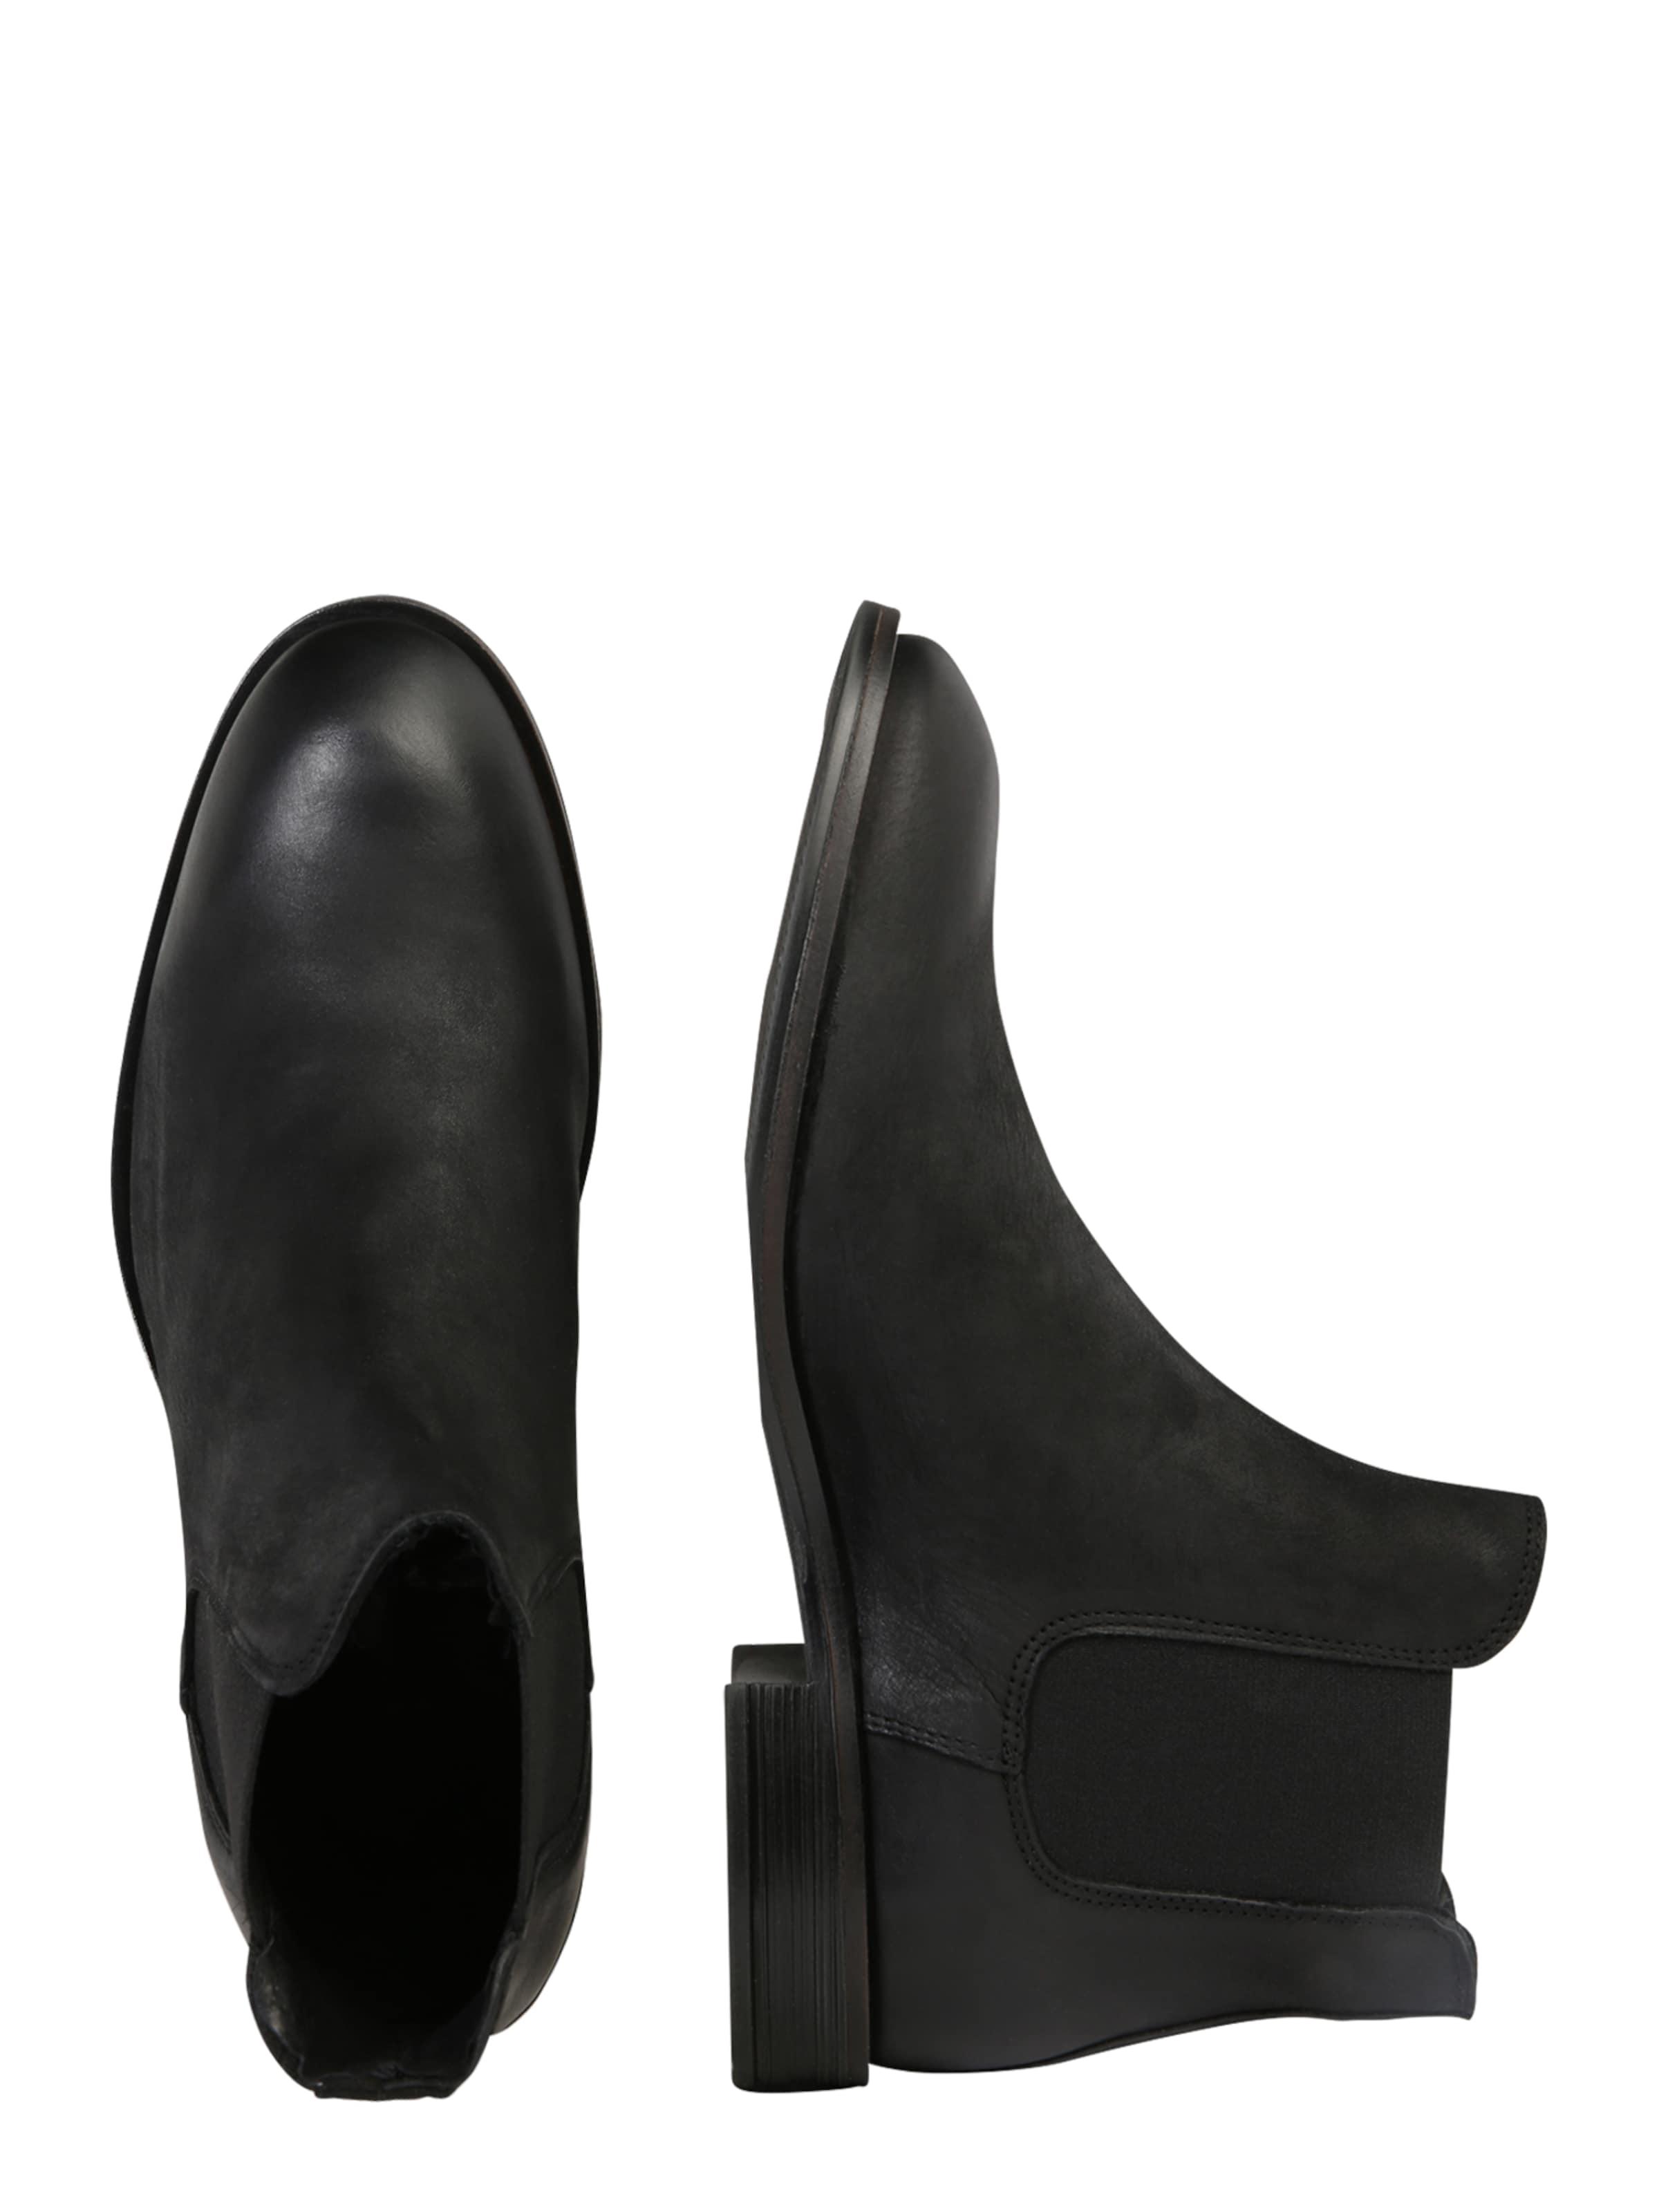 Noir En Chelsea Bianco Boots Bianco Chelsea Boots QtsrCxdh